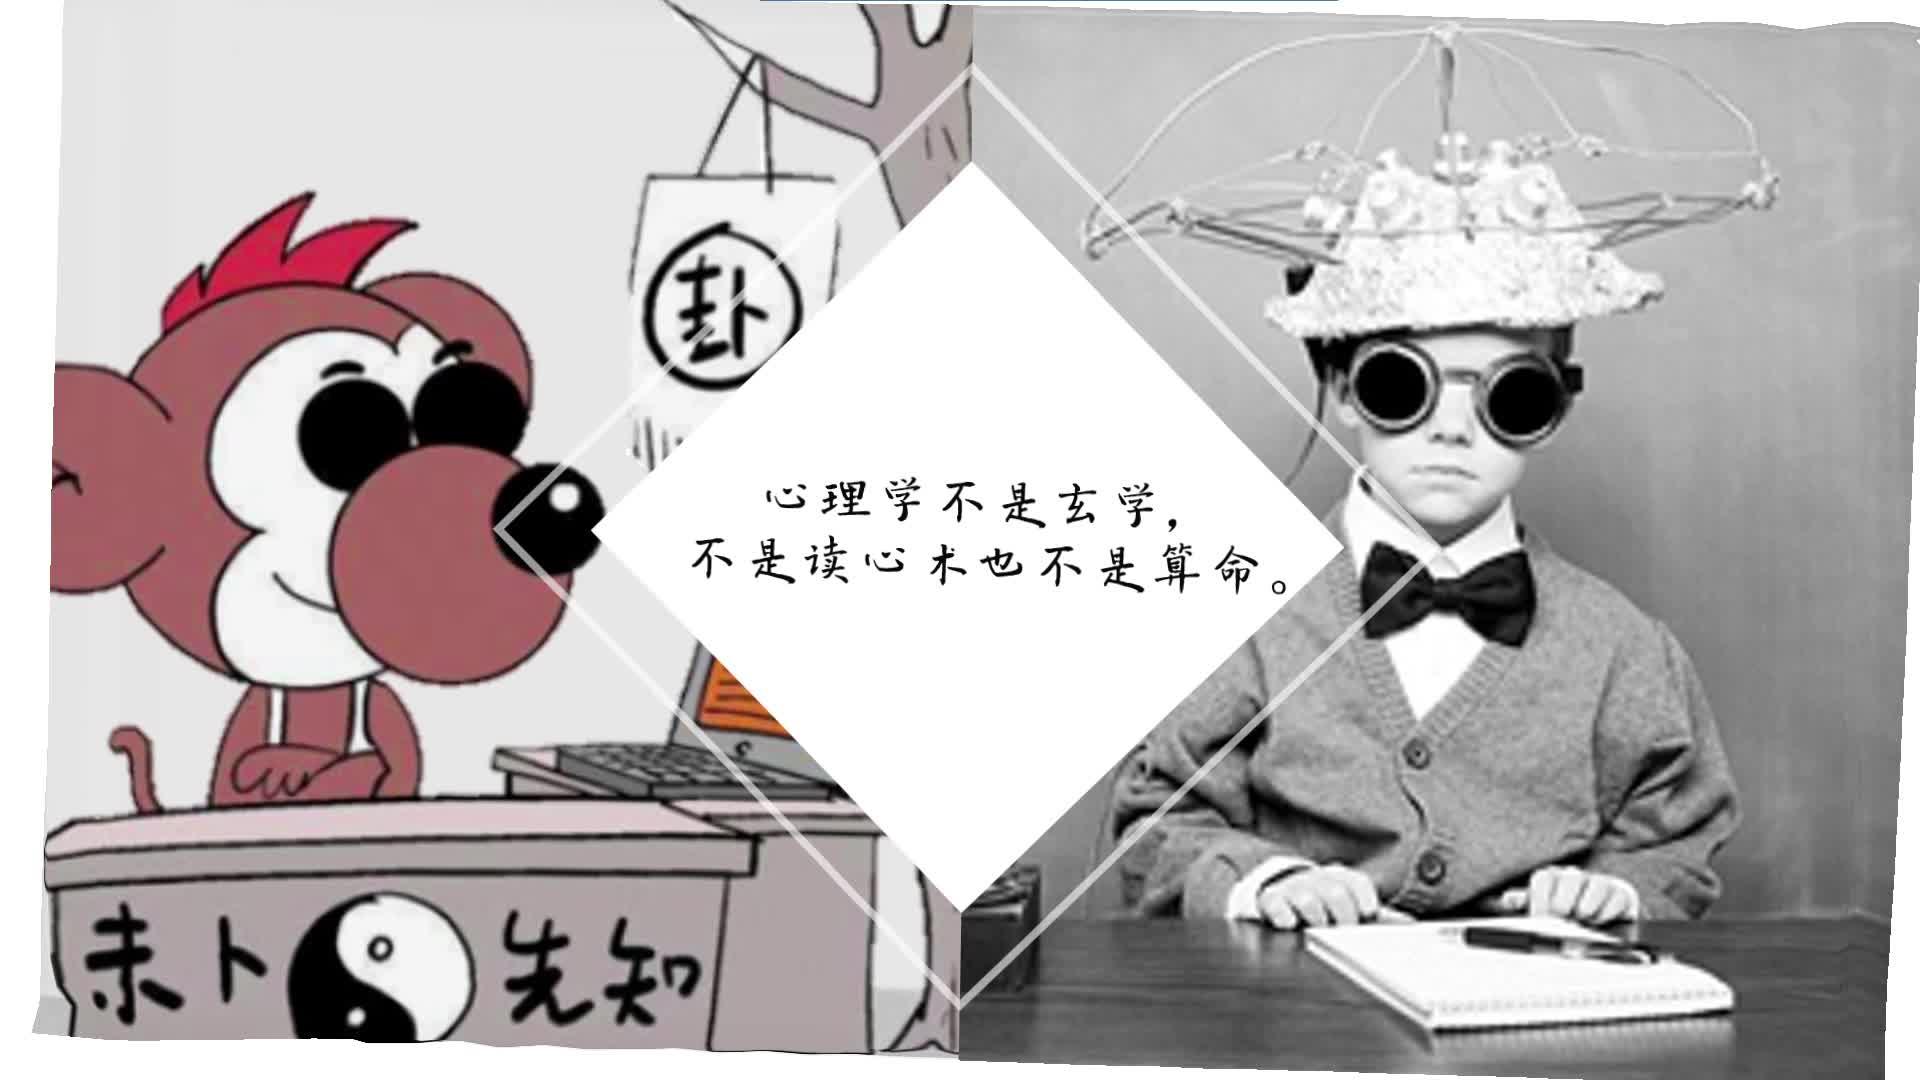 55 北京师范大学 心理学 王彦鼎